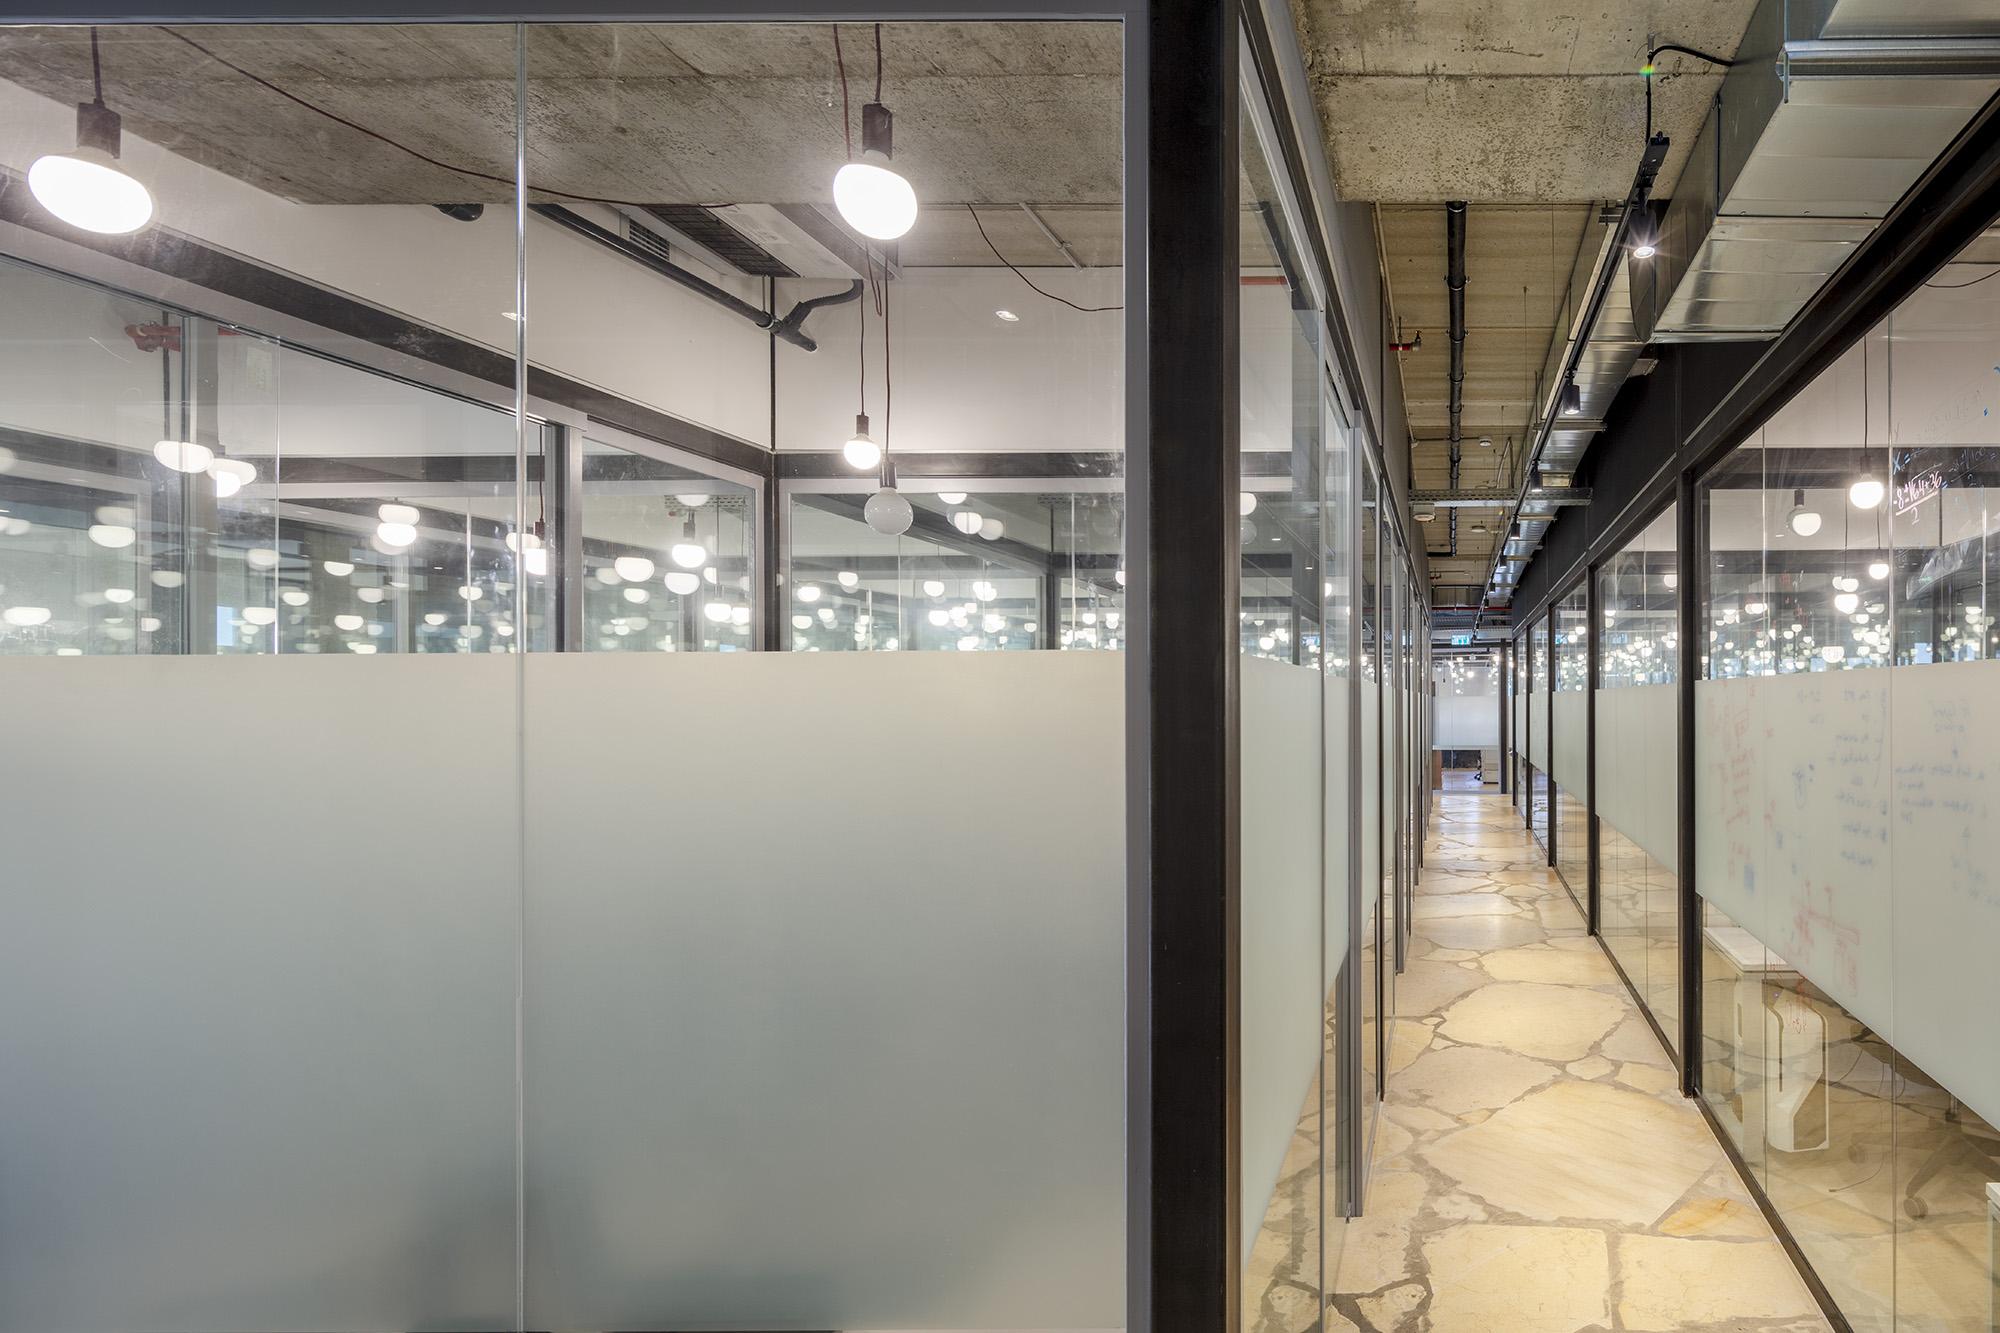 משרדי OPENVALLEY - מחיצות אקוסטיות מזכוכית, אינובייט